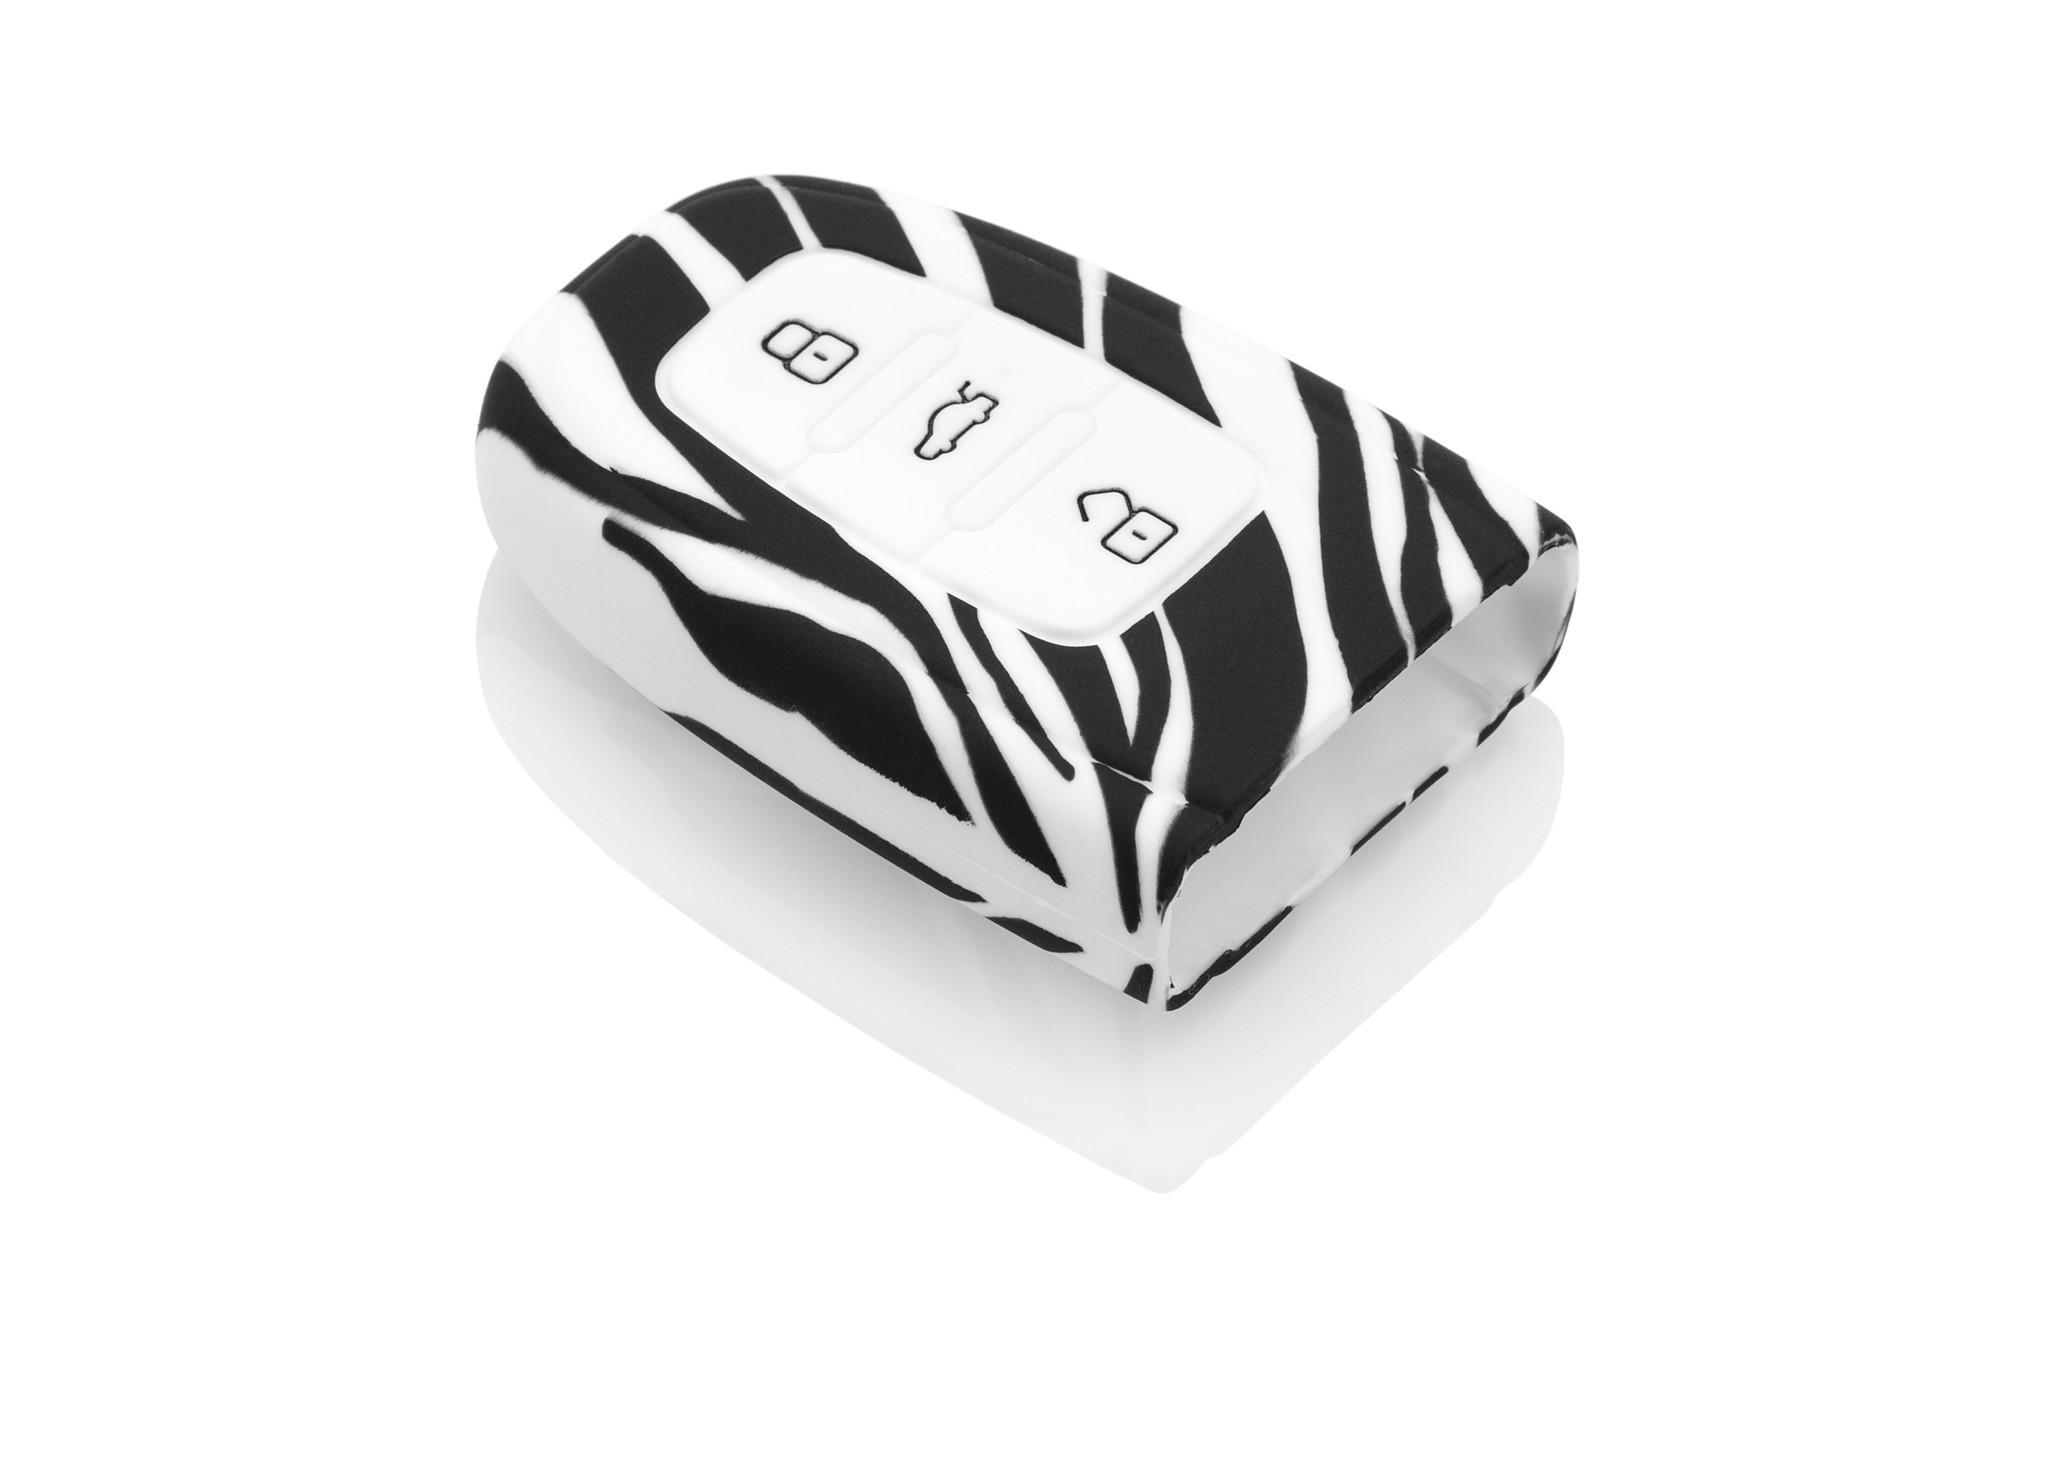 Audi Autoschlüssel Hülle - Silikon Schutzhülle - Schlüsselhülle Cover - Zebra